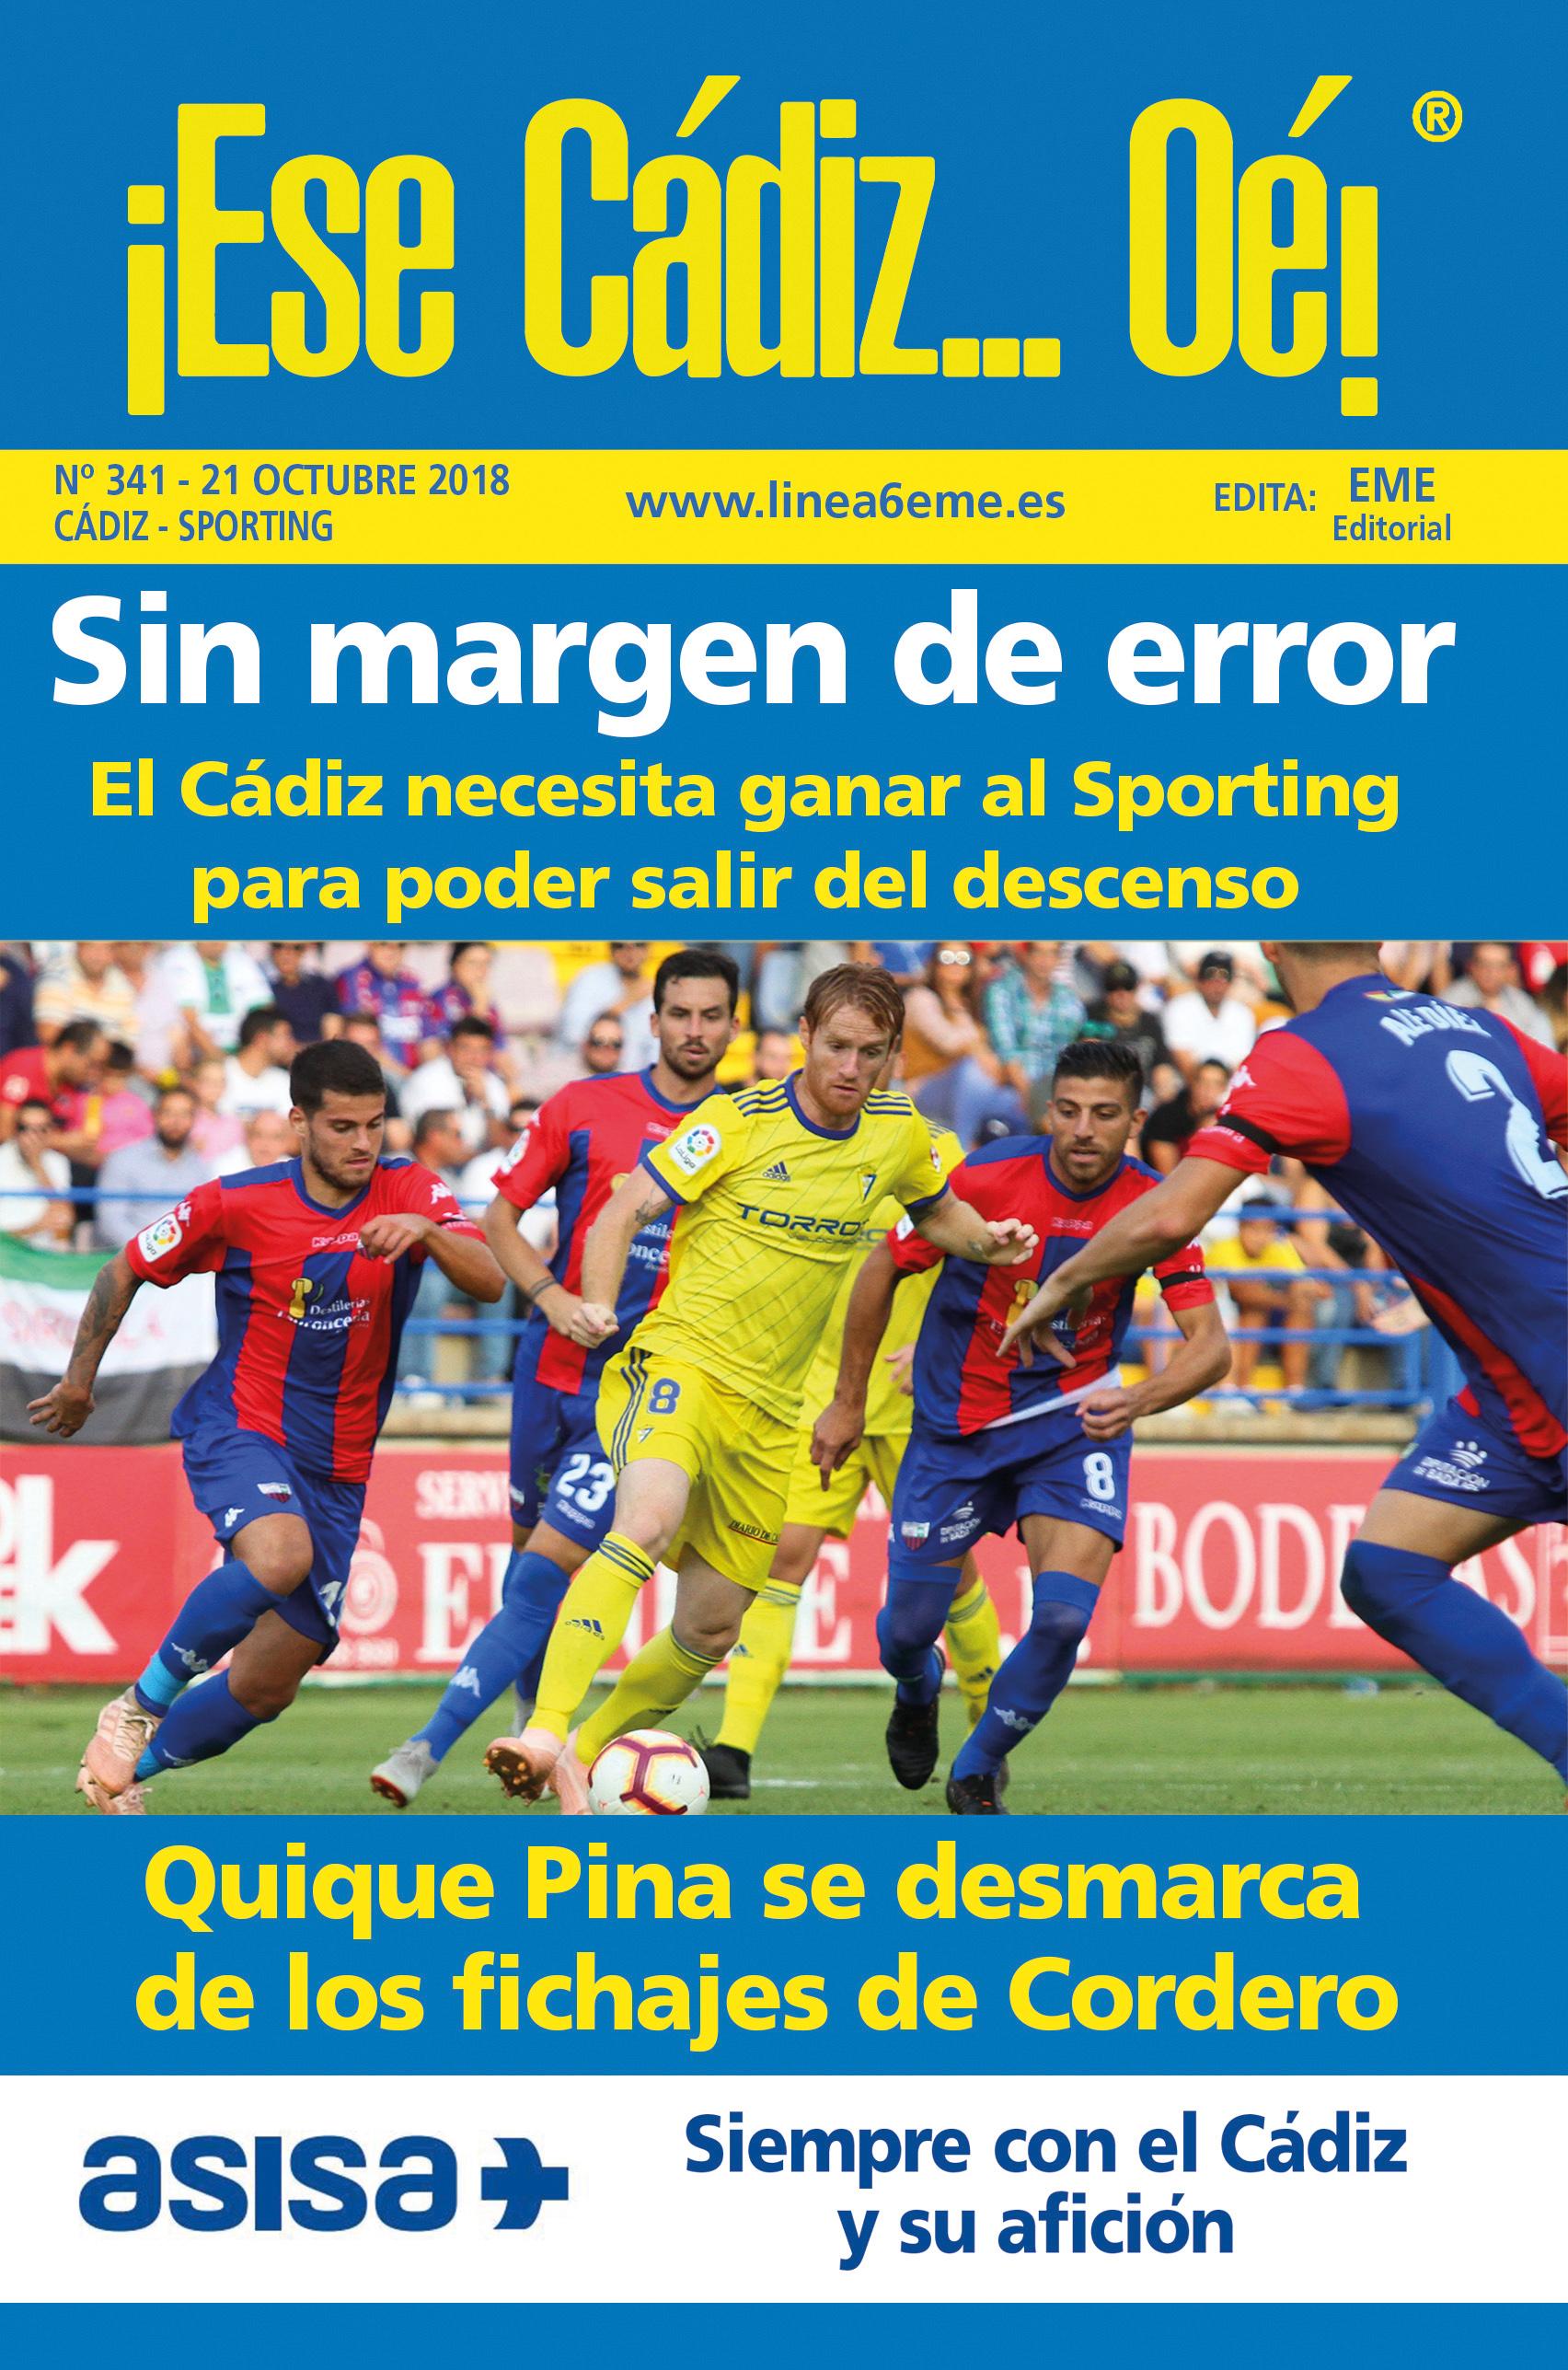 ¡Ese Cádiz…Oé! núm. 341 Temporada 2018/19